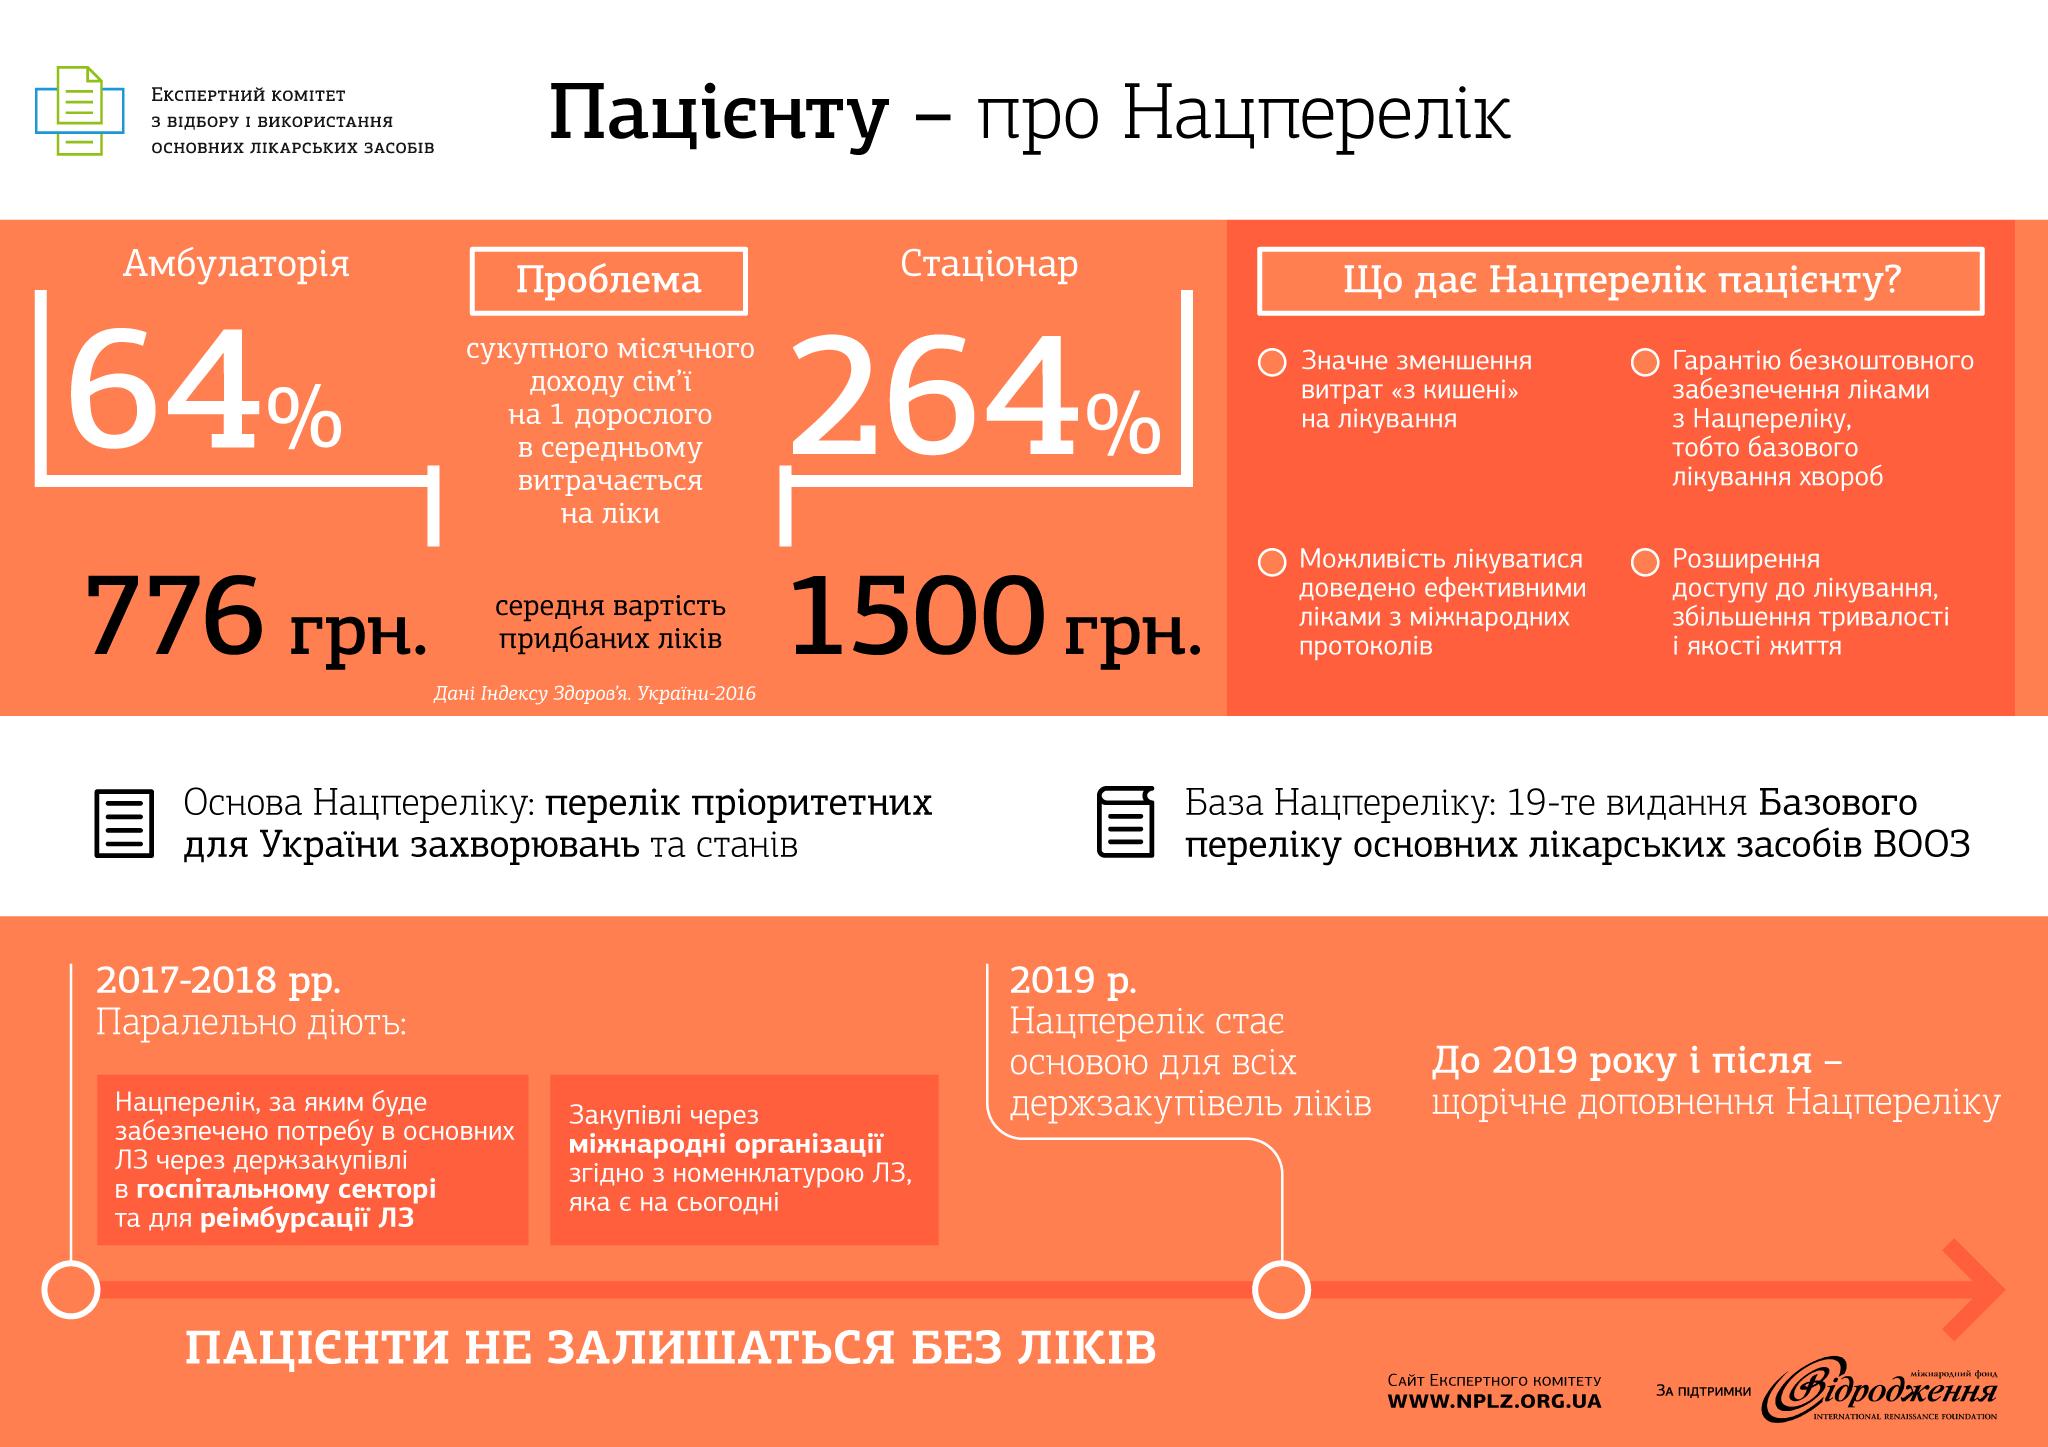 Інфографіка-Пацієнту